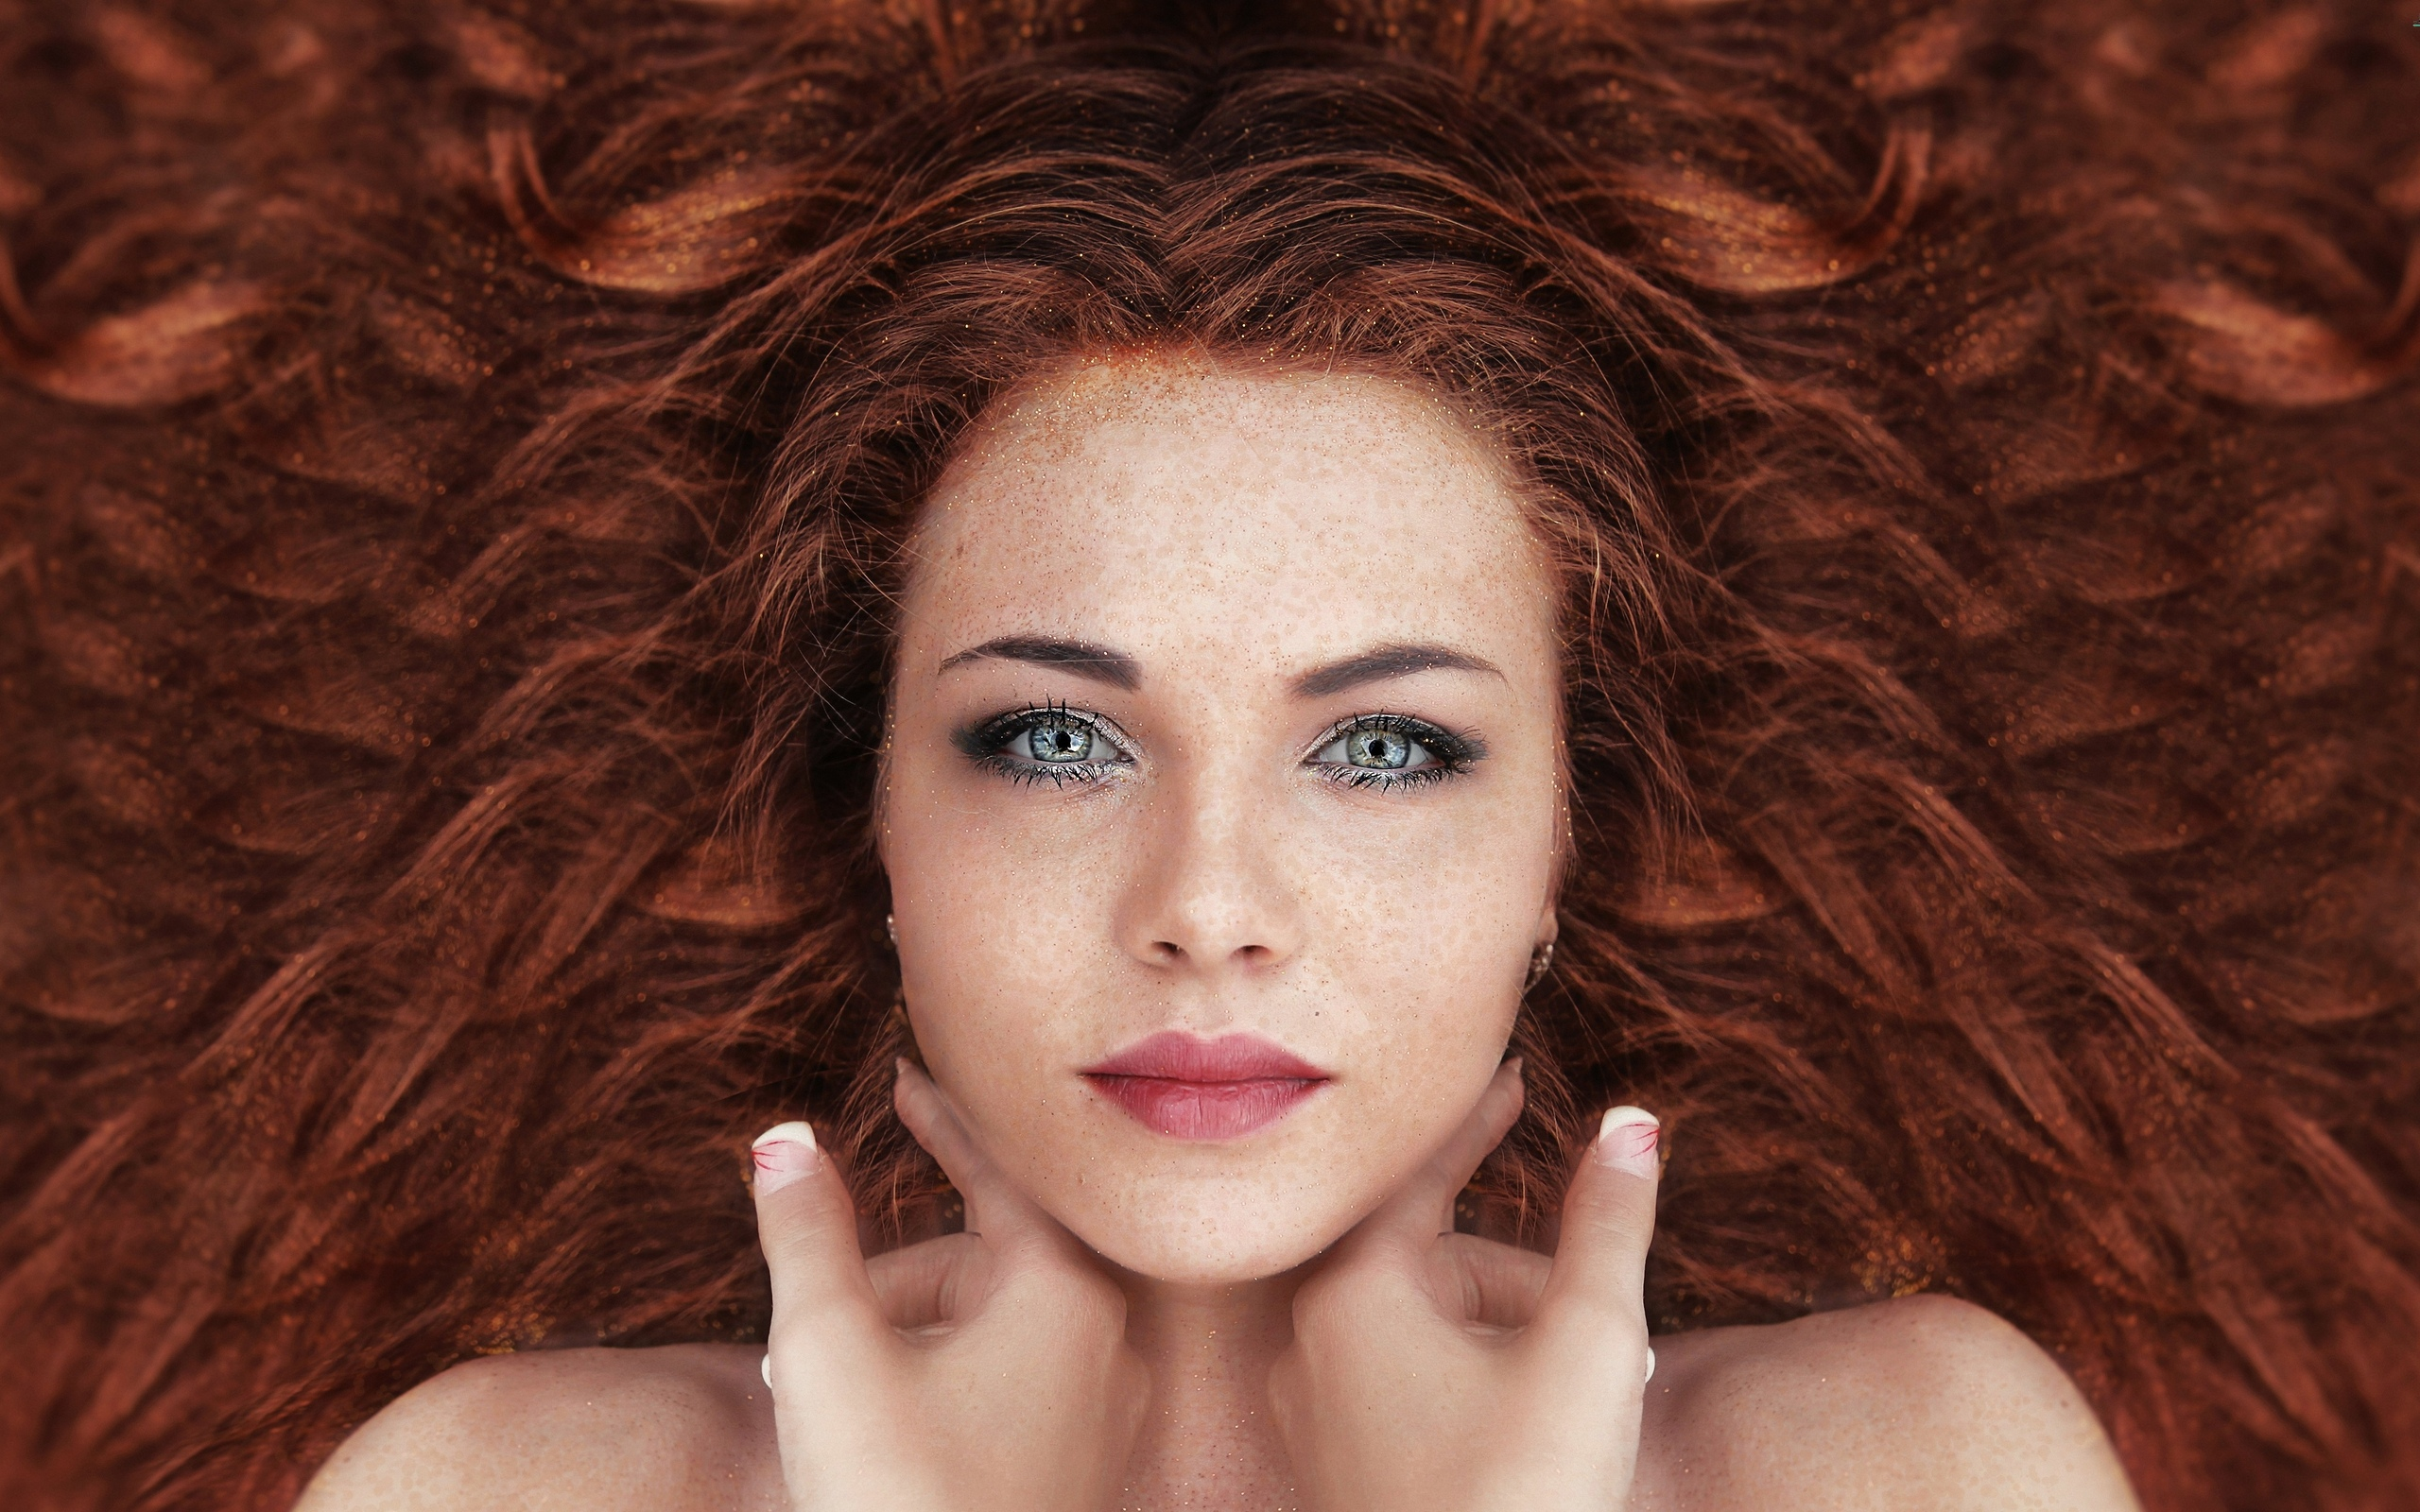 девушка, взгляд, портрет, волосы, рыжая, проф фото